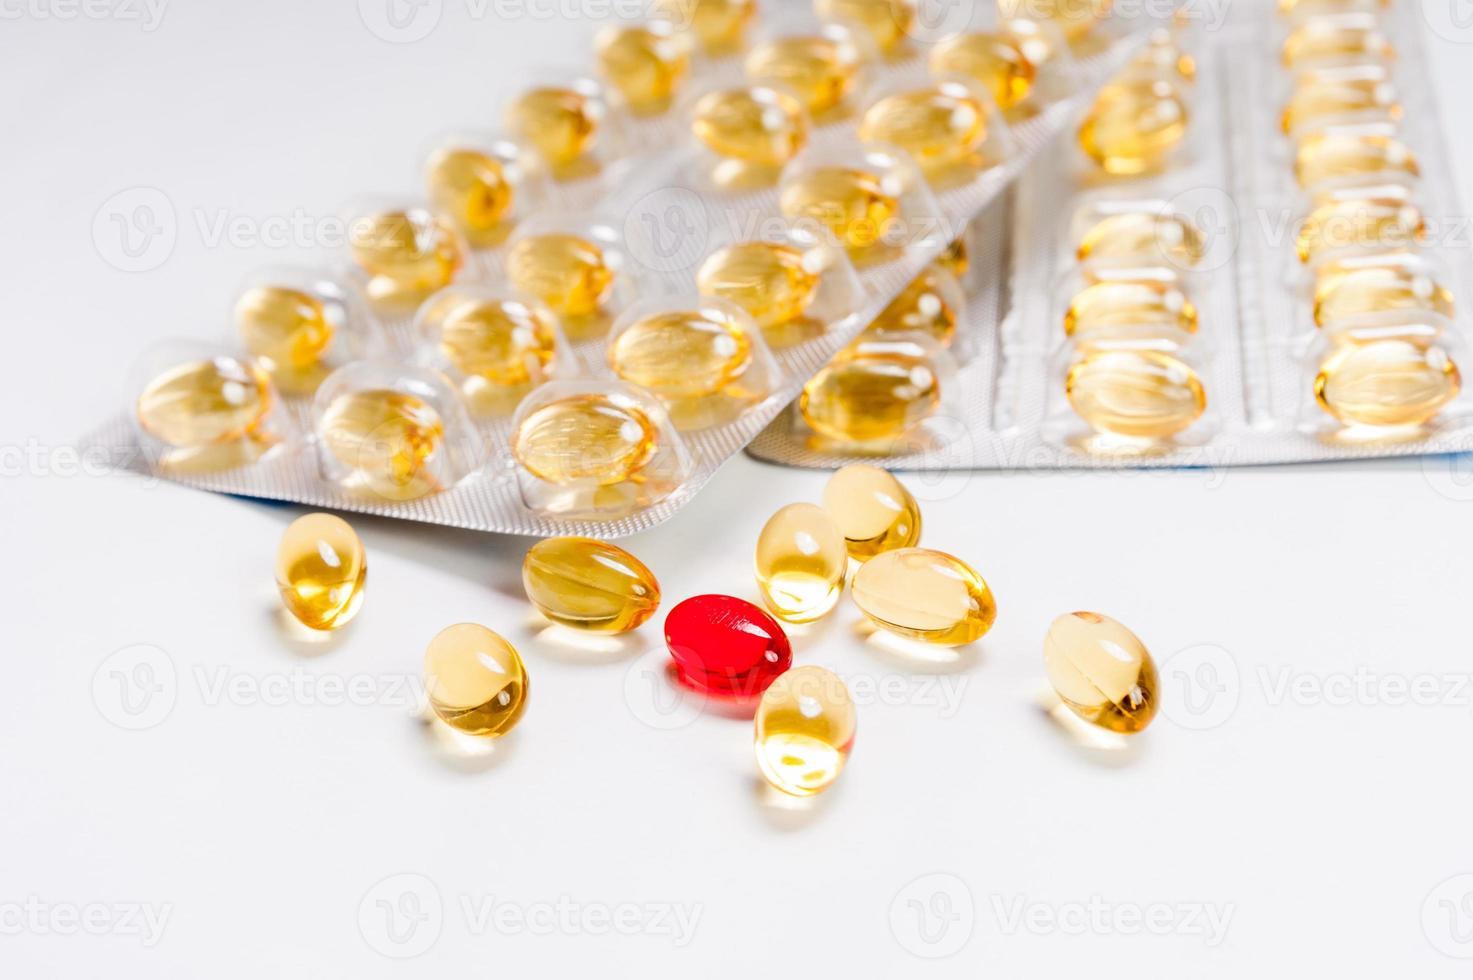 verpakkingen van medische pillen en tabletten foto